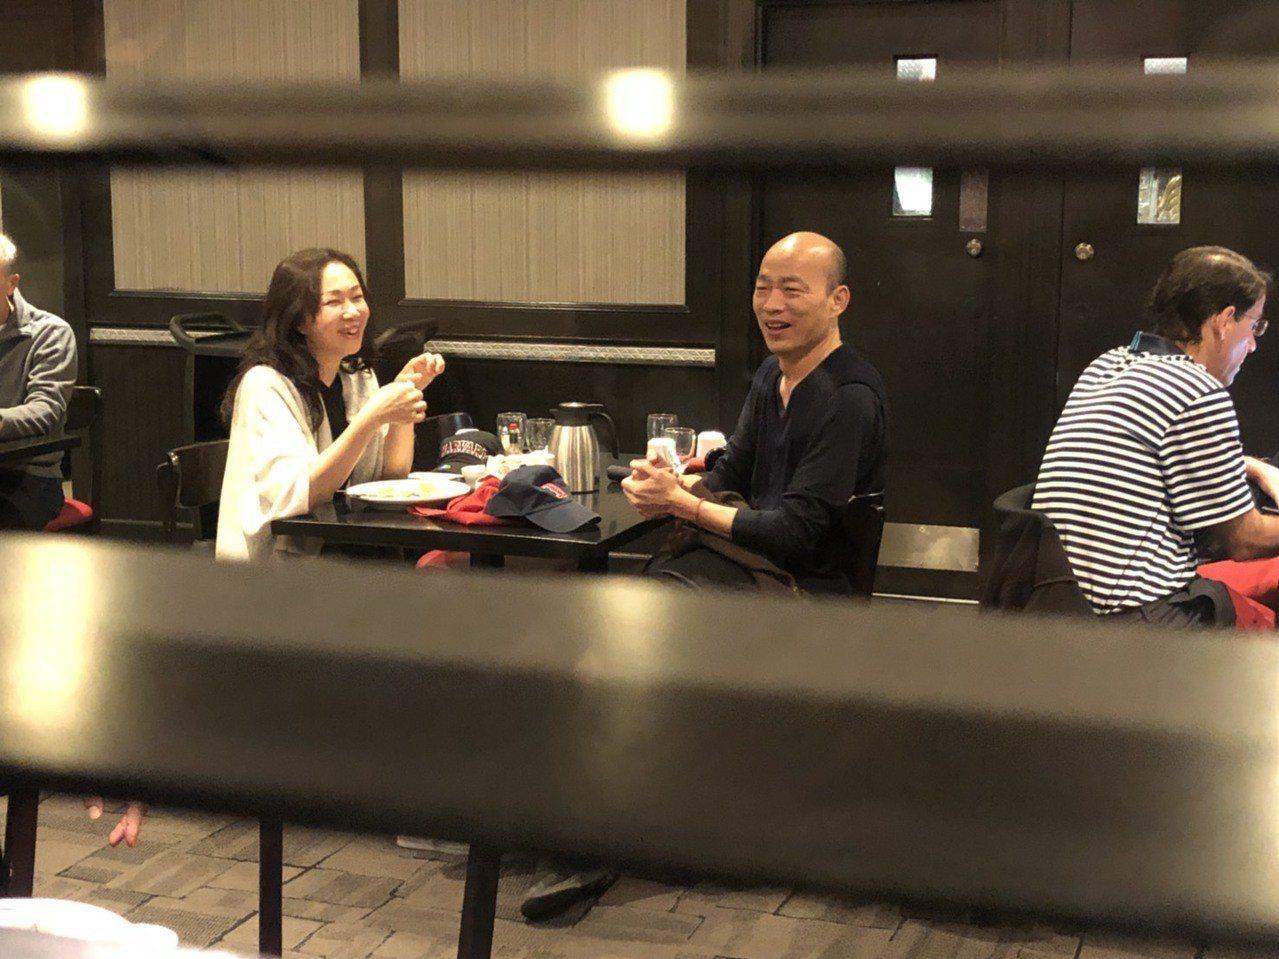 韓國瑜夫妻訪美期間共進早餐,小倆口如約會,常有說有笑,甜蜜藏不住。 圖/聯合報系...